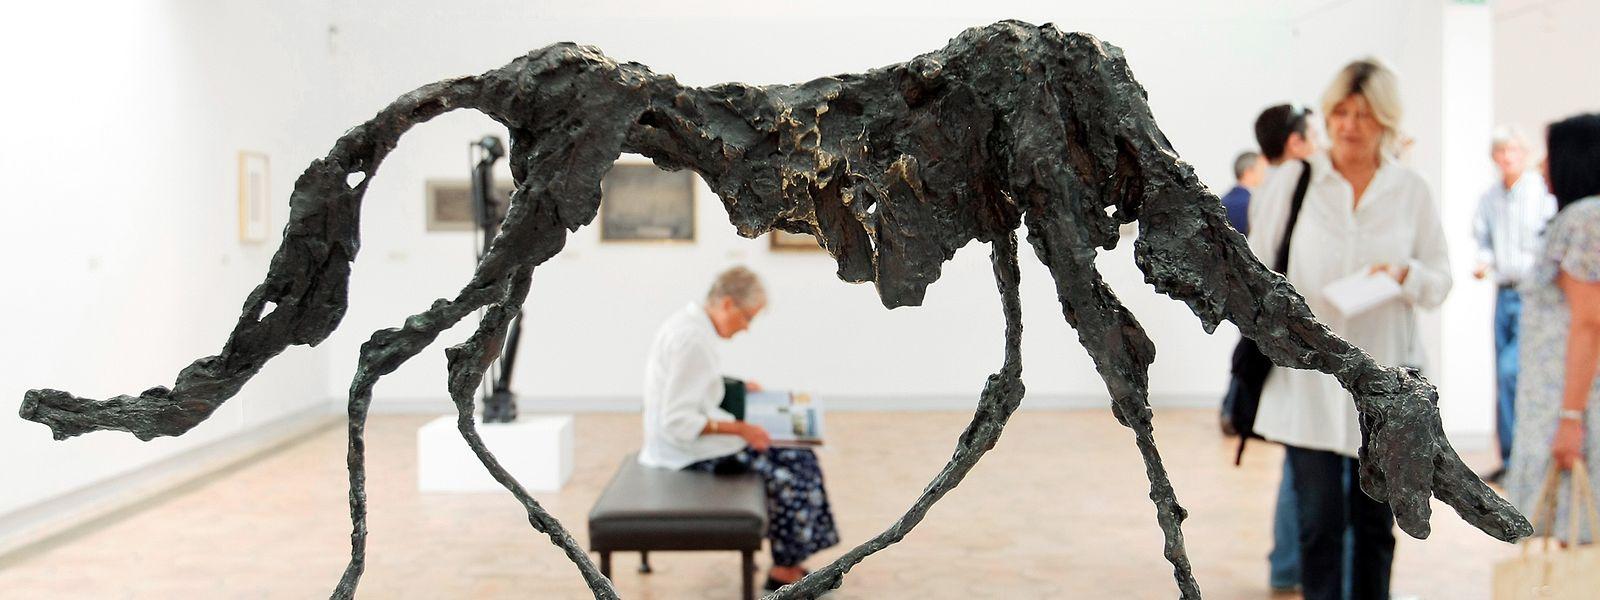 """Bei einer Ausstellung 2010 in der Fondation Maeght in Saint-Paul de Vence (Frankreich) war unter anderem Giocaomettis """"Le chien"""" zu sehen -  eine der wenigen Arbeiten des Künstlers, die sich nicht der menschlichen Form widmeten."""